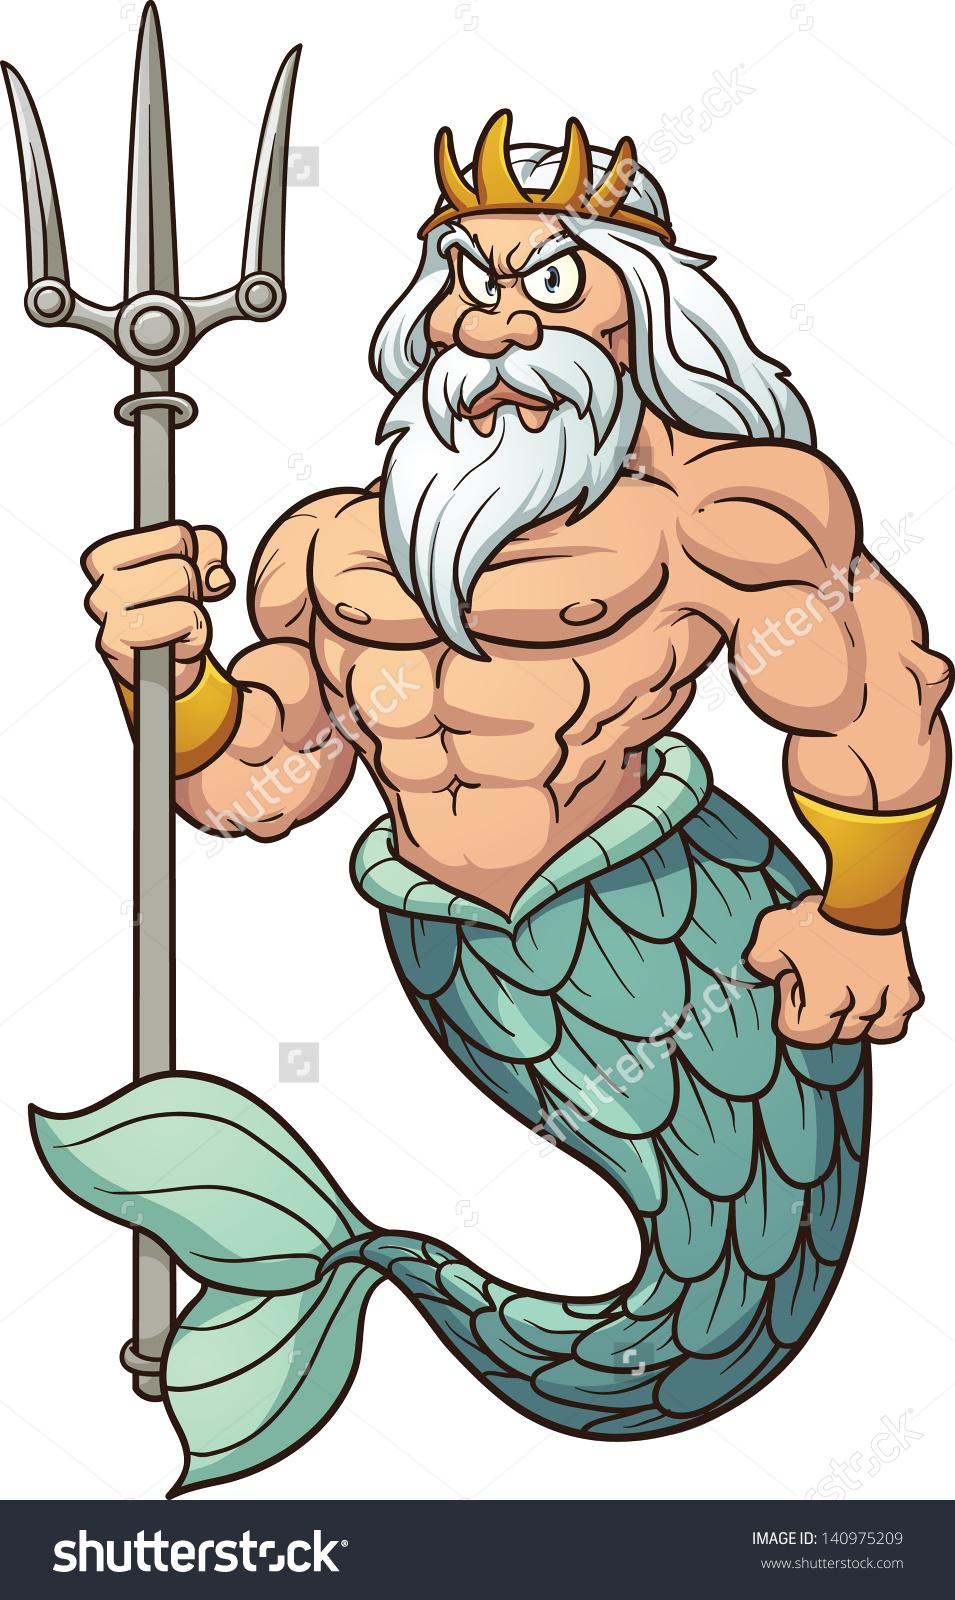 Neptune god clipart.